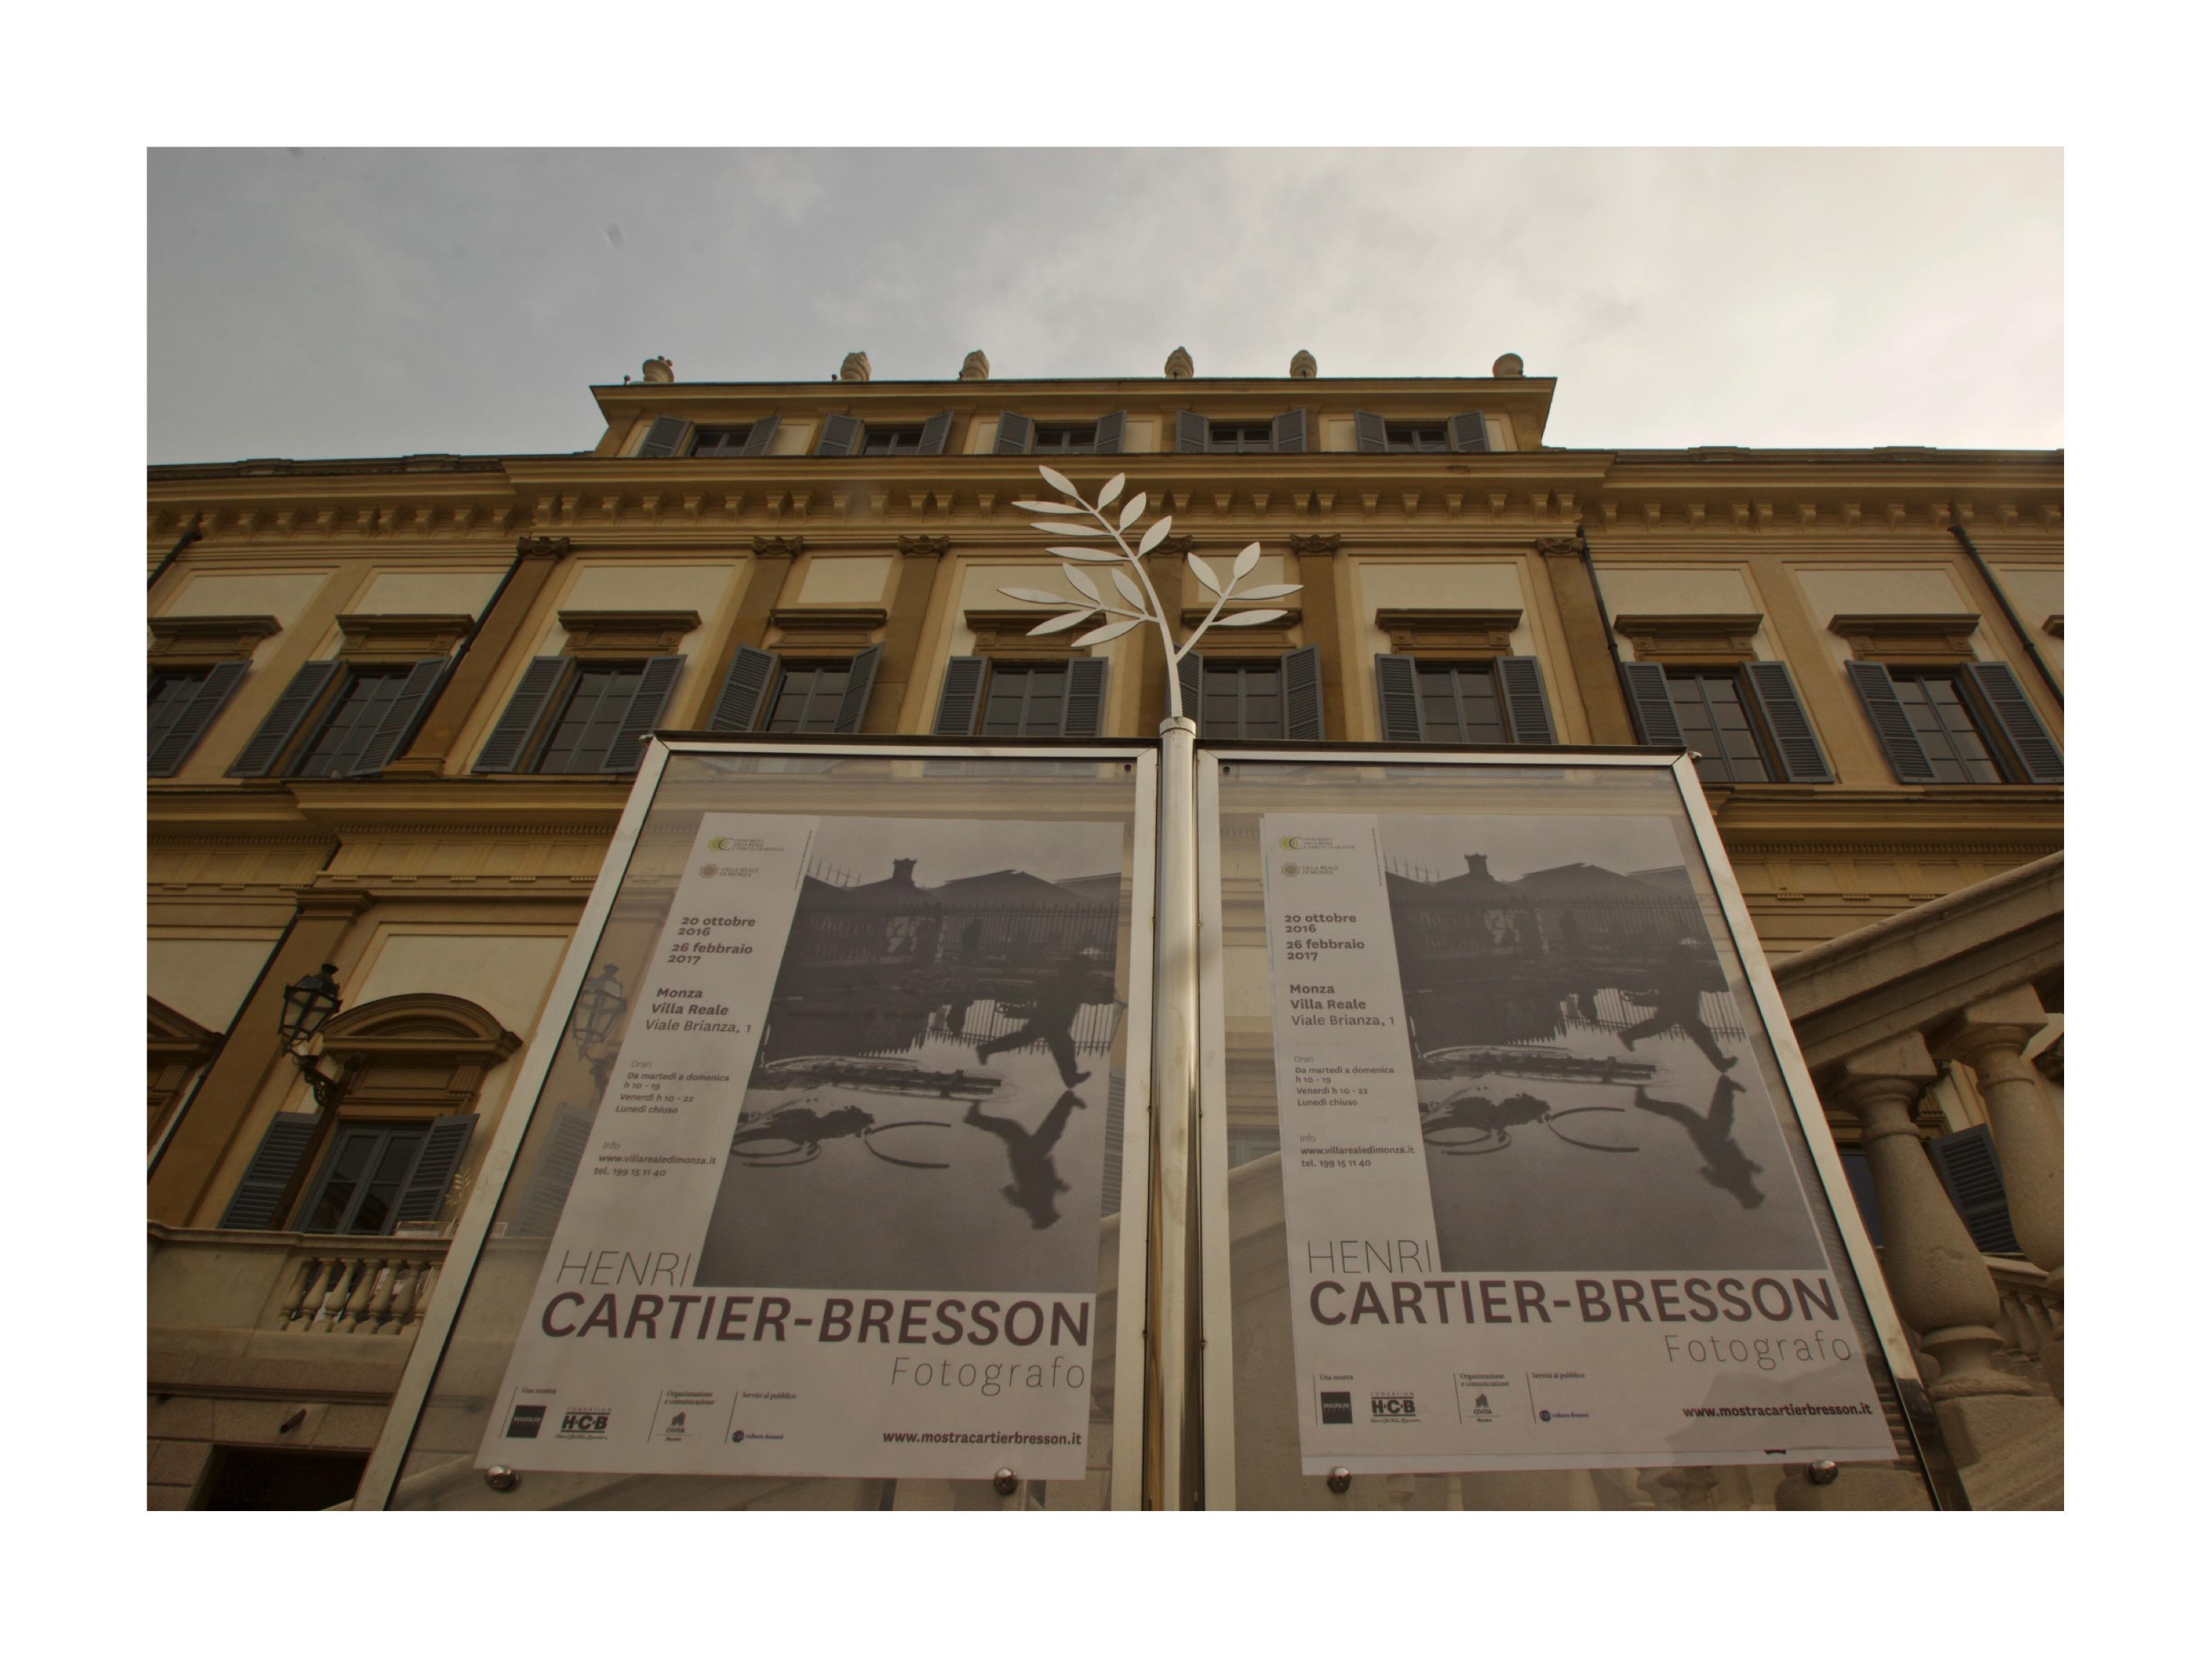 Vedere tutto henri cartier bresson a monza for Cartier bresson monza